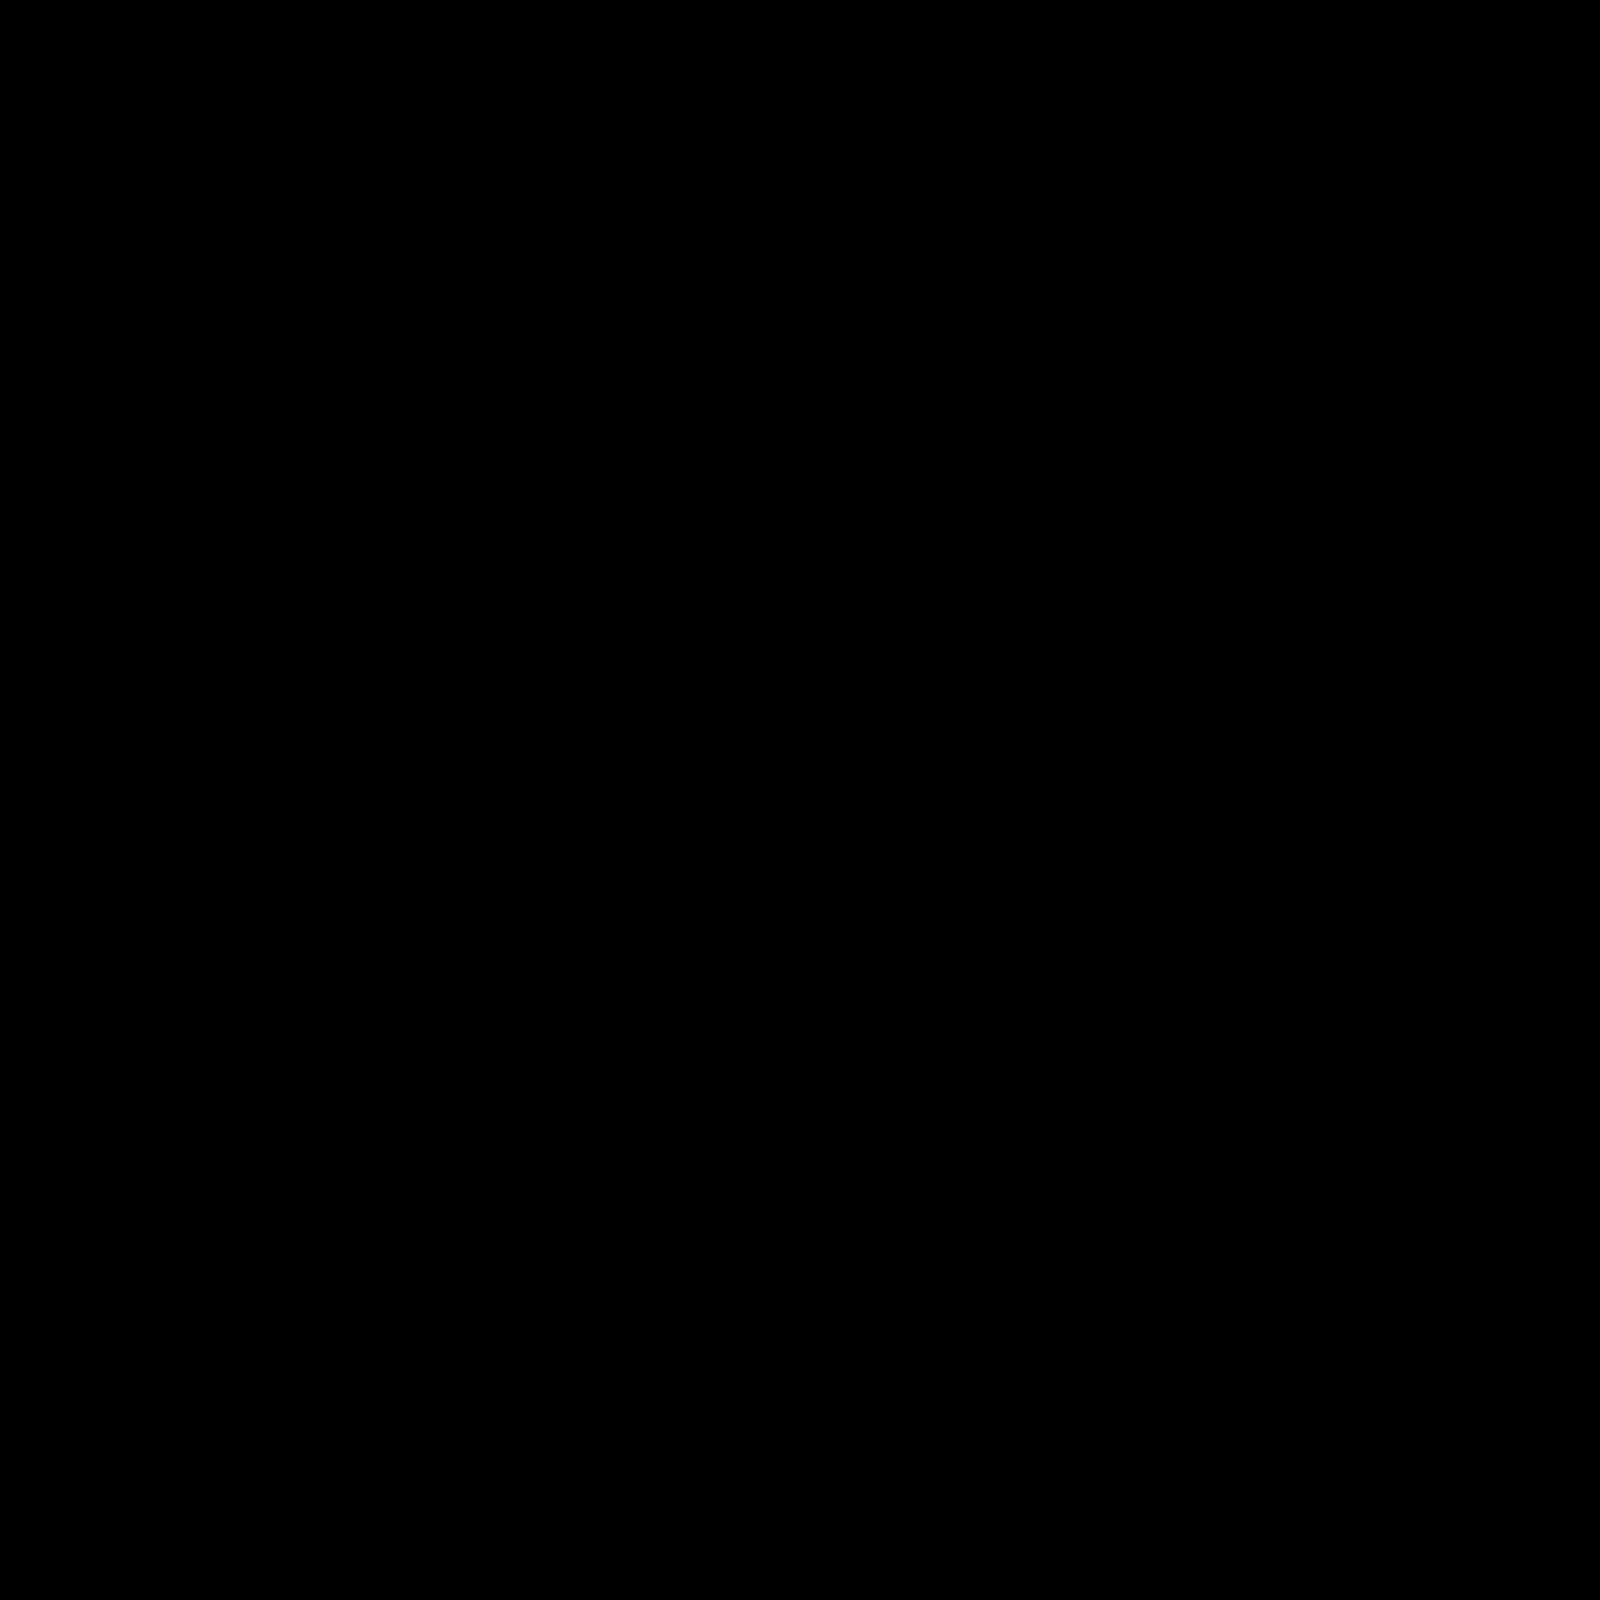 ログアウト icon. This is a picture of a circle whose left side is completely open. where the rest of the circle should be, instead it's an arrow that is leaving the circle headed in the left direction.